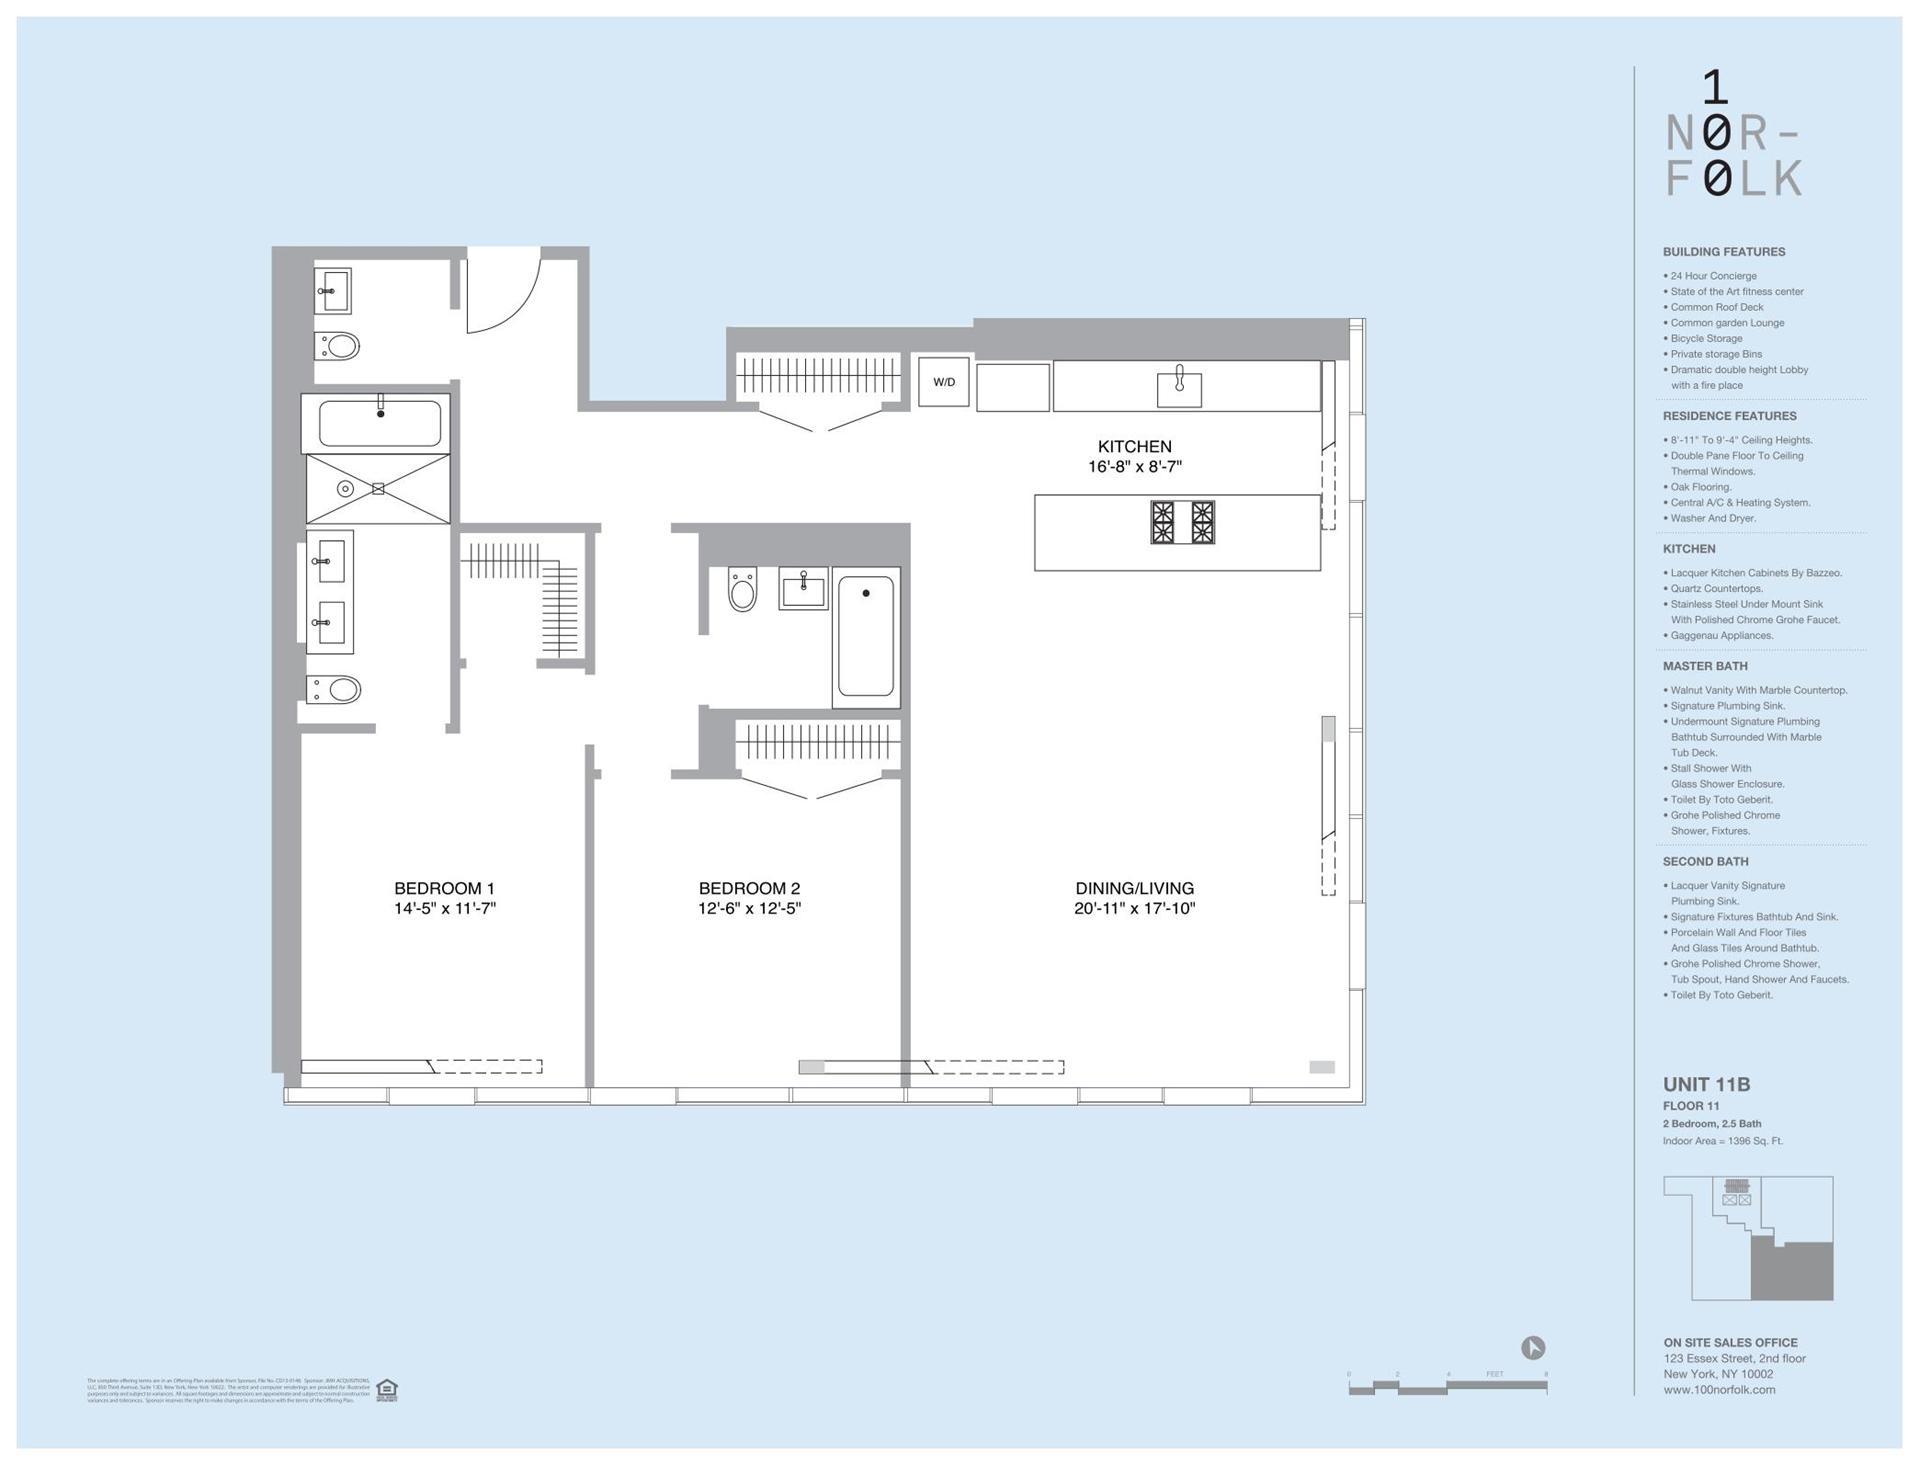 Floor plan of 100 Norfolk St, 11B - Lower East Side, New York